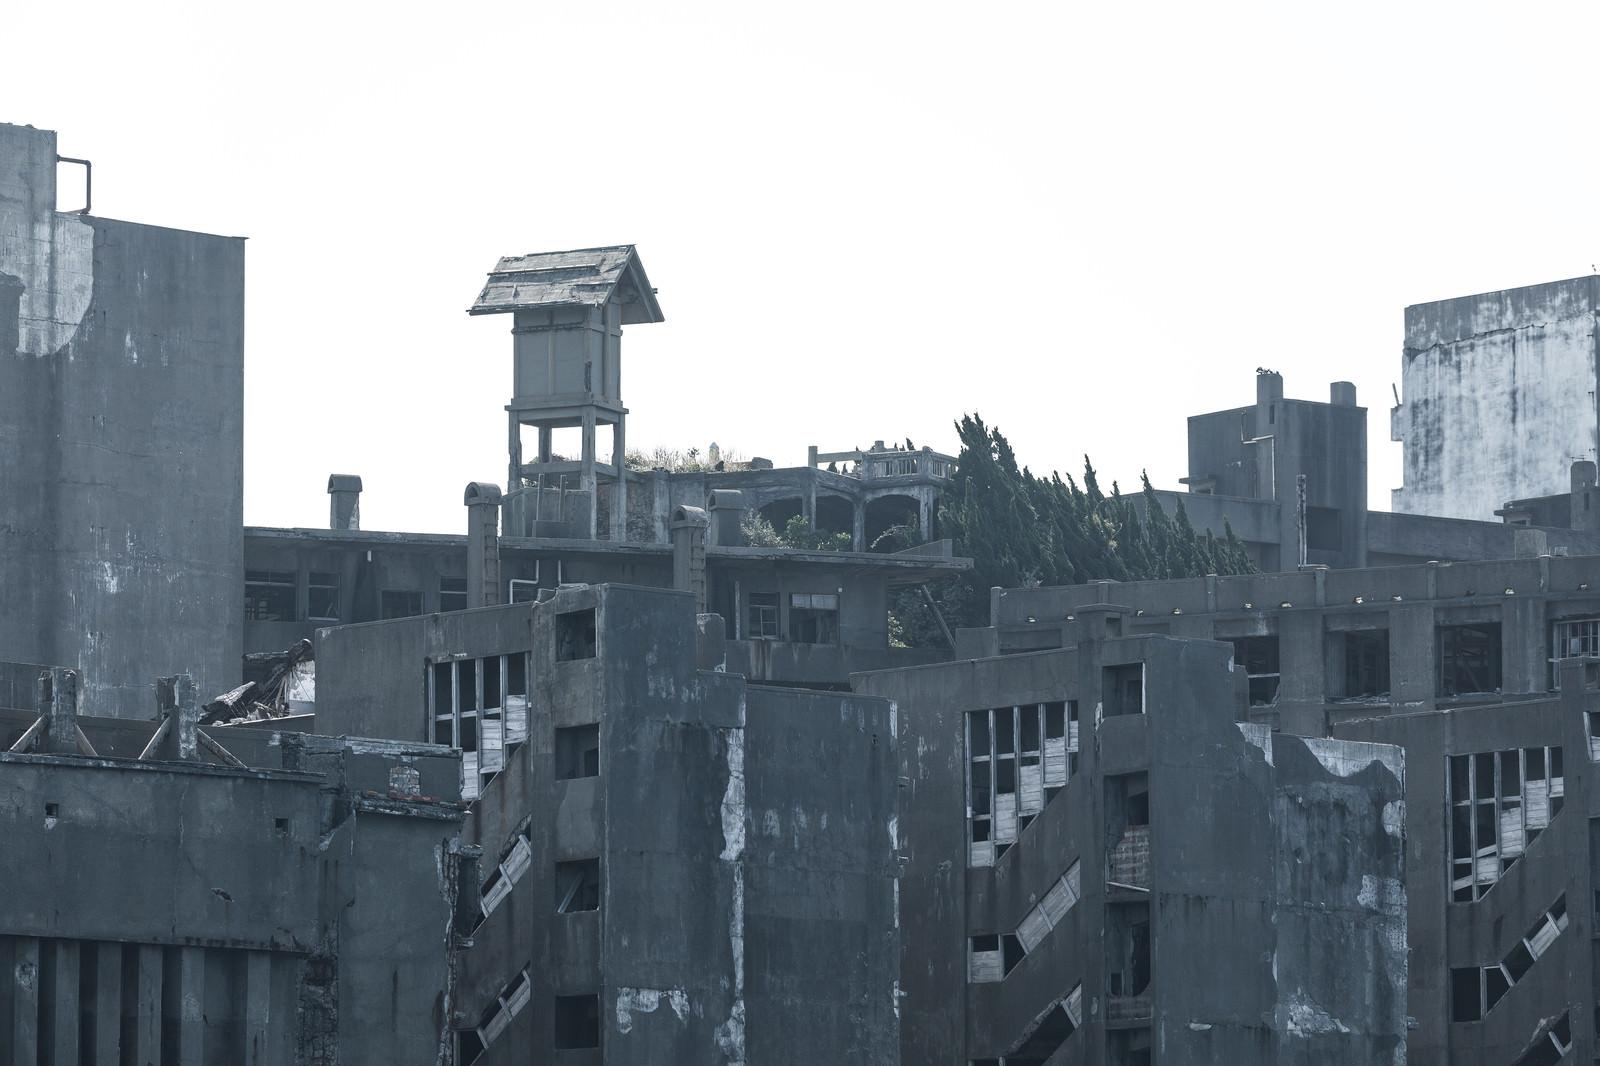 「66号棟啓明寮跡の廃墟感(軍艦島)」の写真